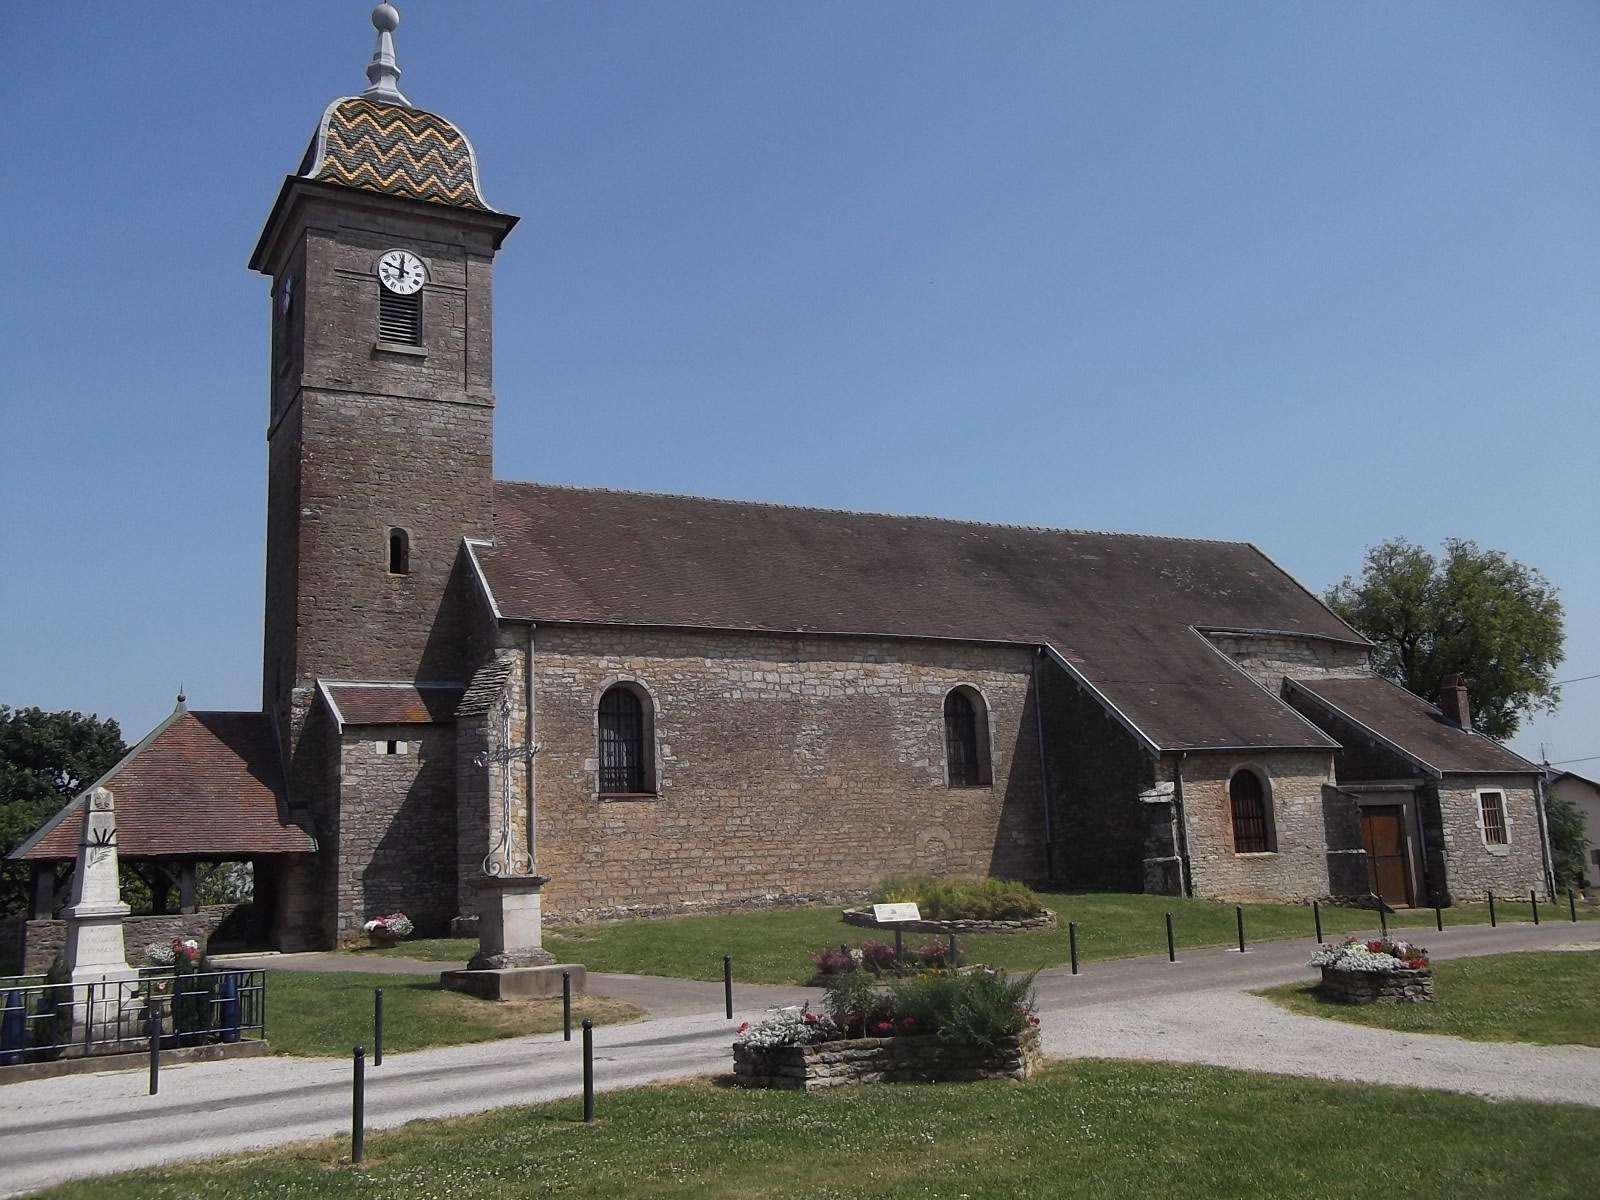 L'église Saint-Martin de Mercey-le-Grand